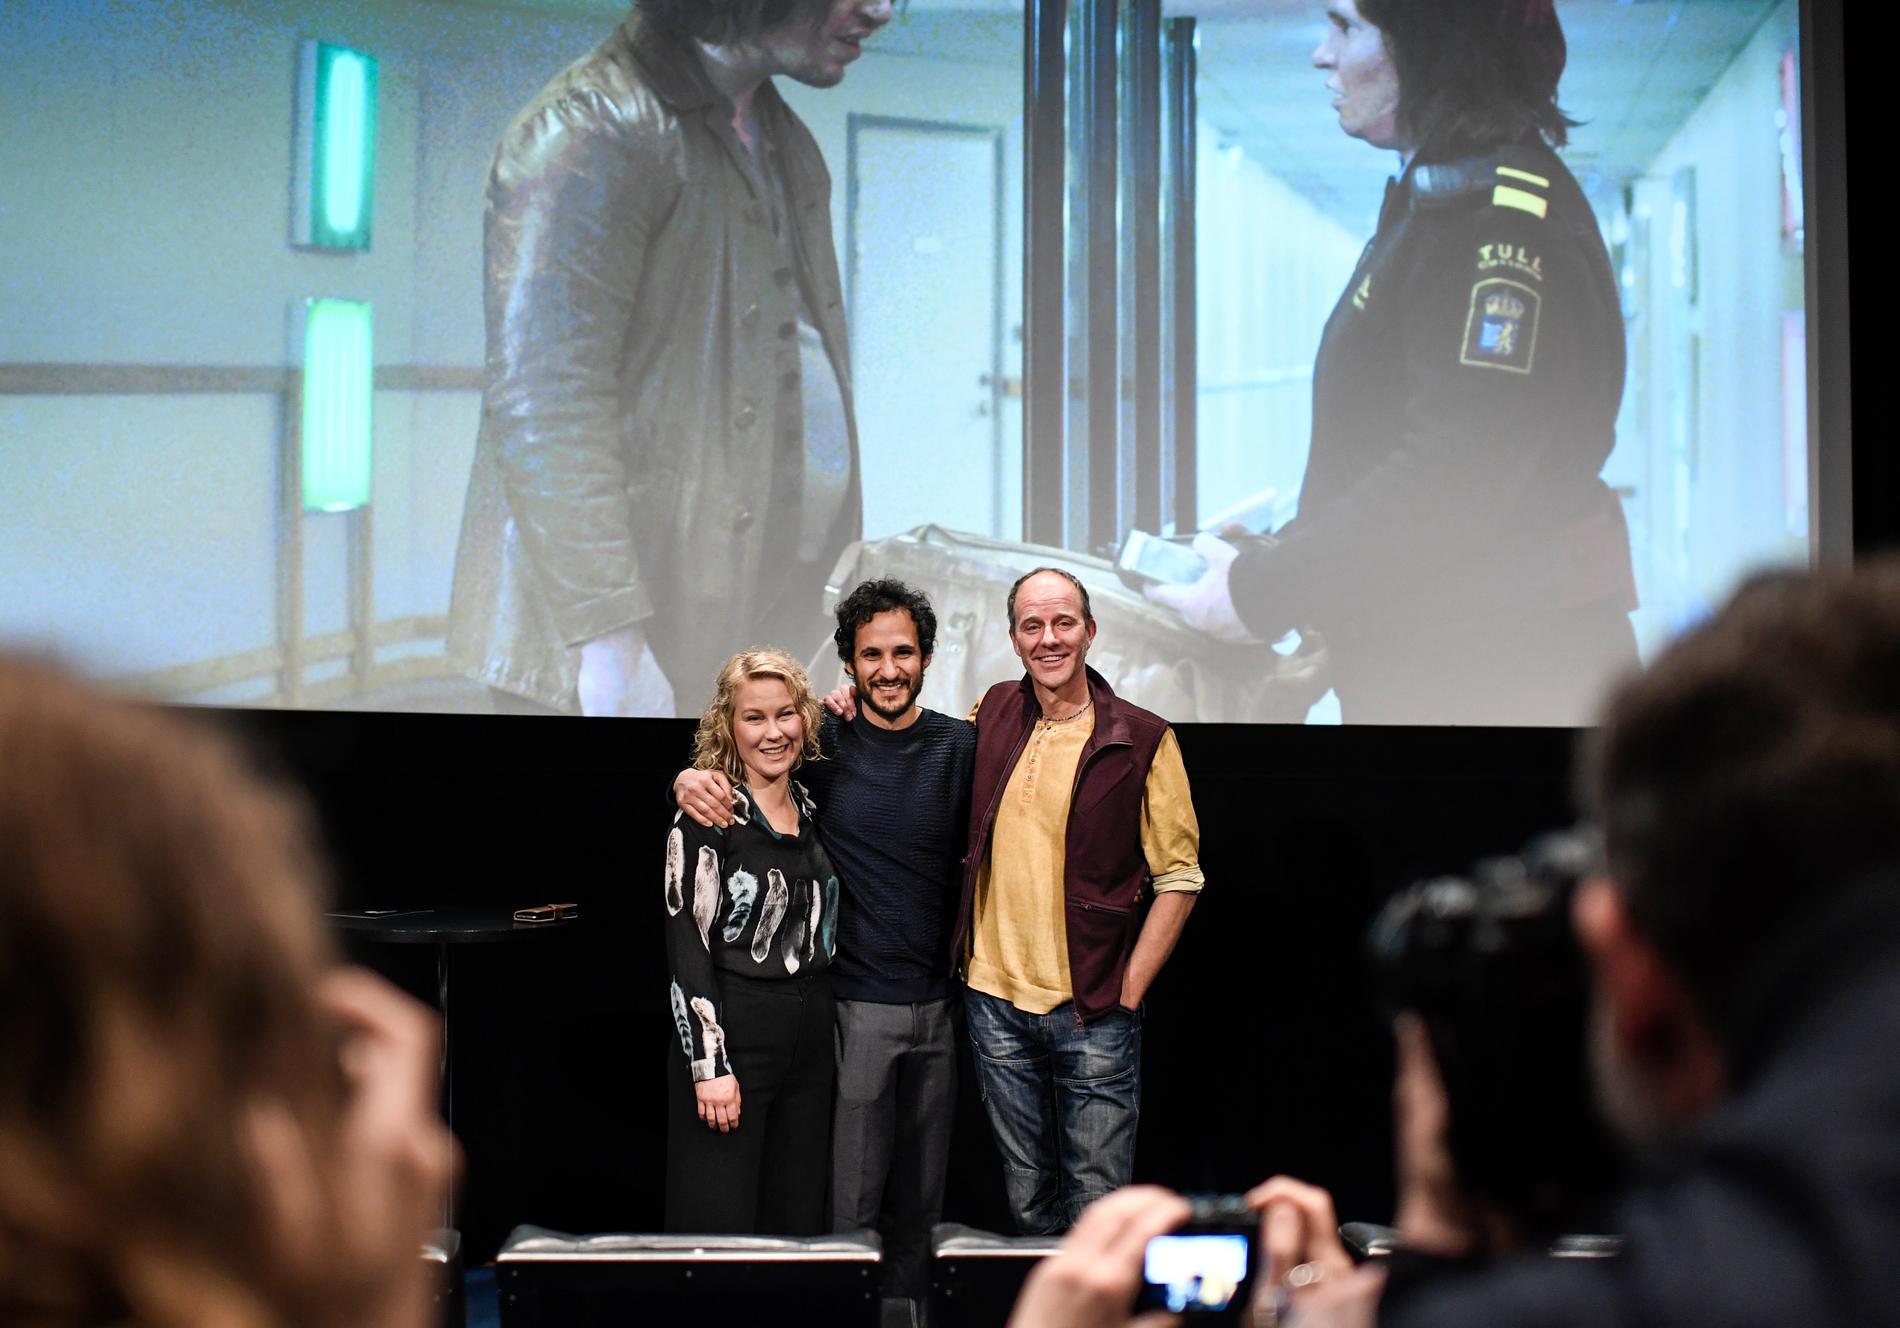 Skådespelaren Eva Melander, Regissören Ali Abbasis, manusförfattaren John Ajvide Lindqvist som med filmen Gräns som kommer blir Sveriges bidrag vid filmfestivalen i Cannes senare i vår då filmen blivit utvald till den prestigefyllda sektionen Un Certain .